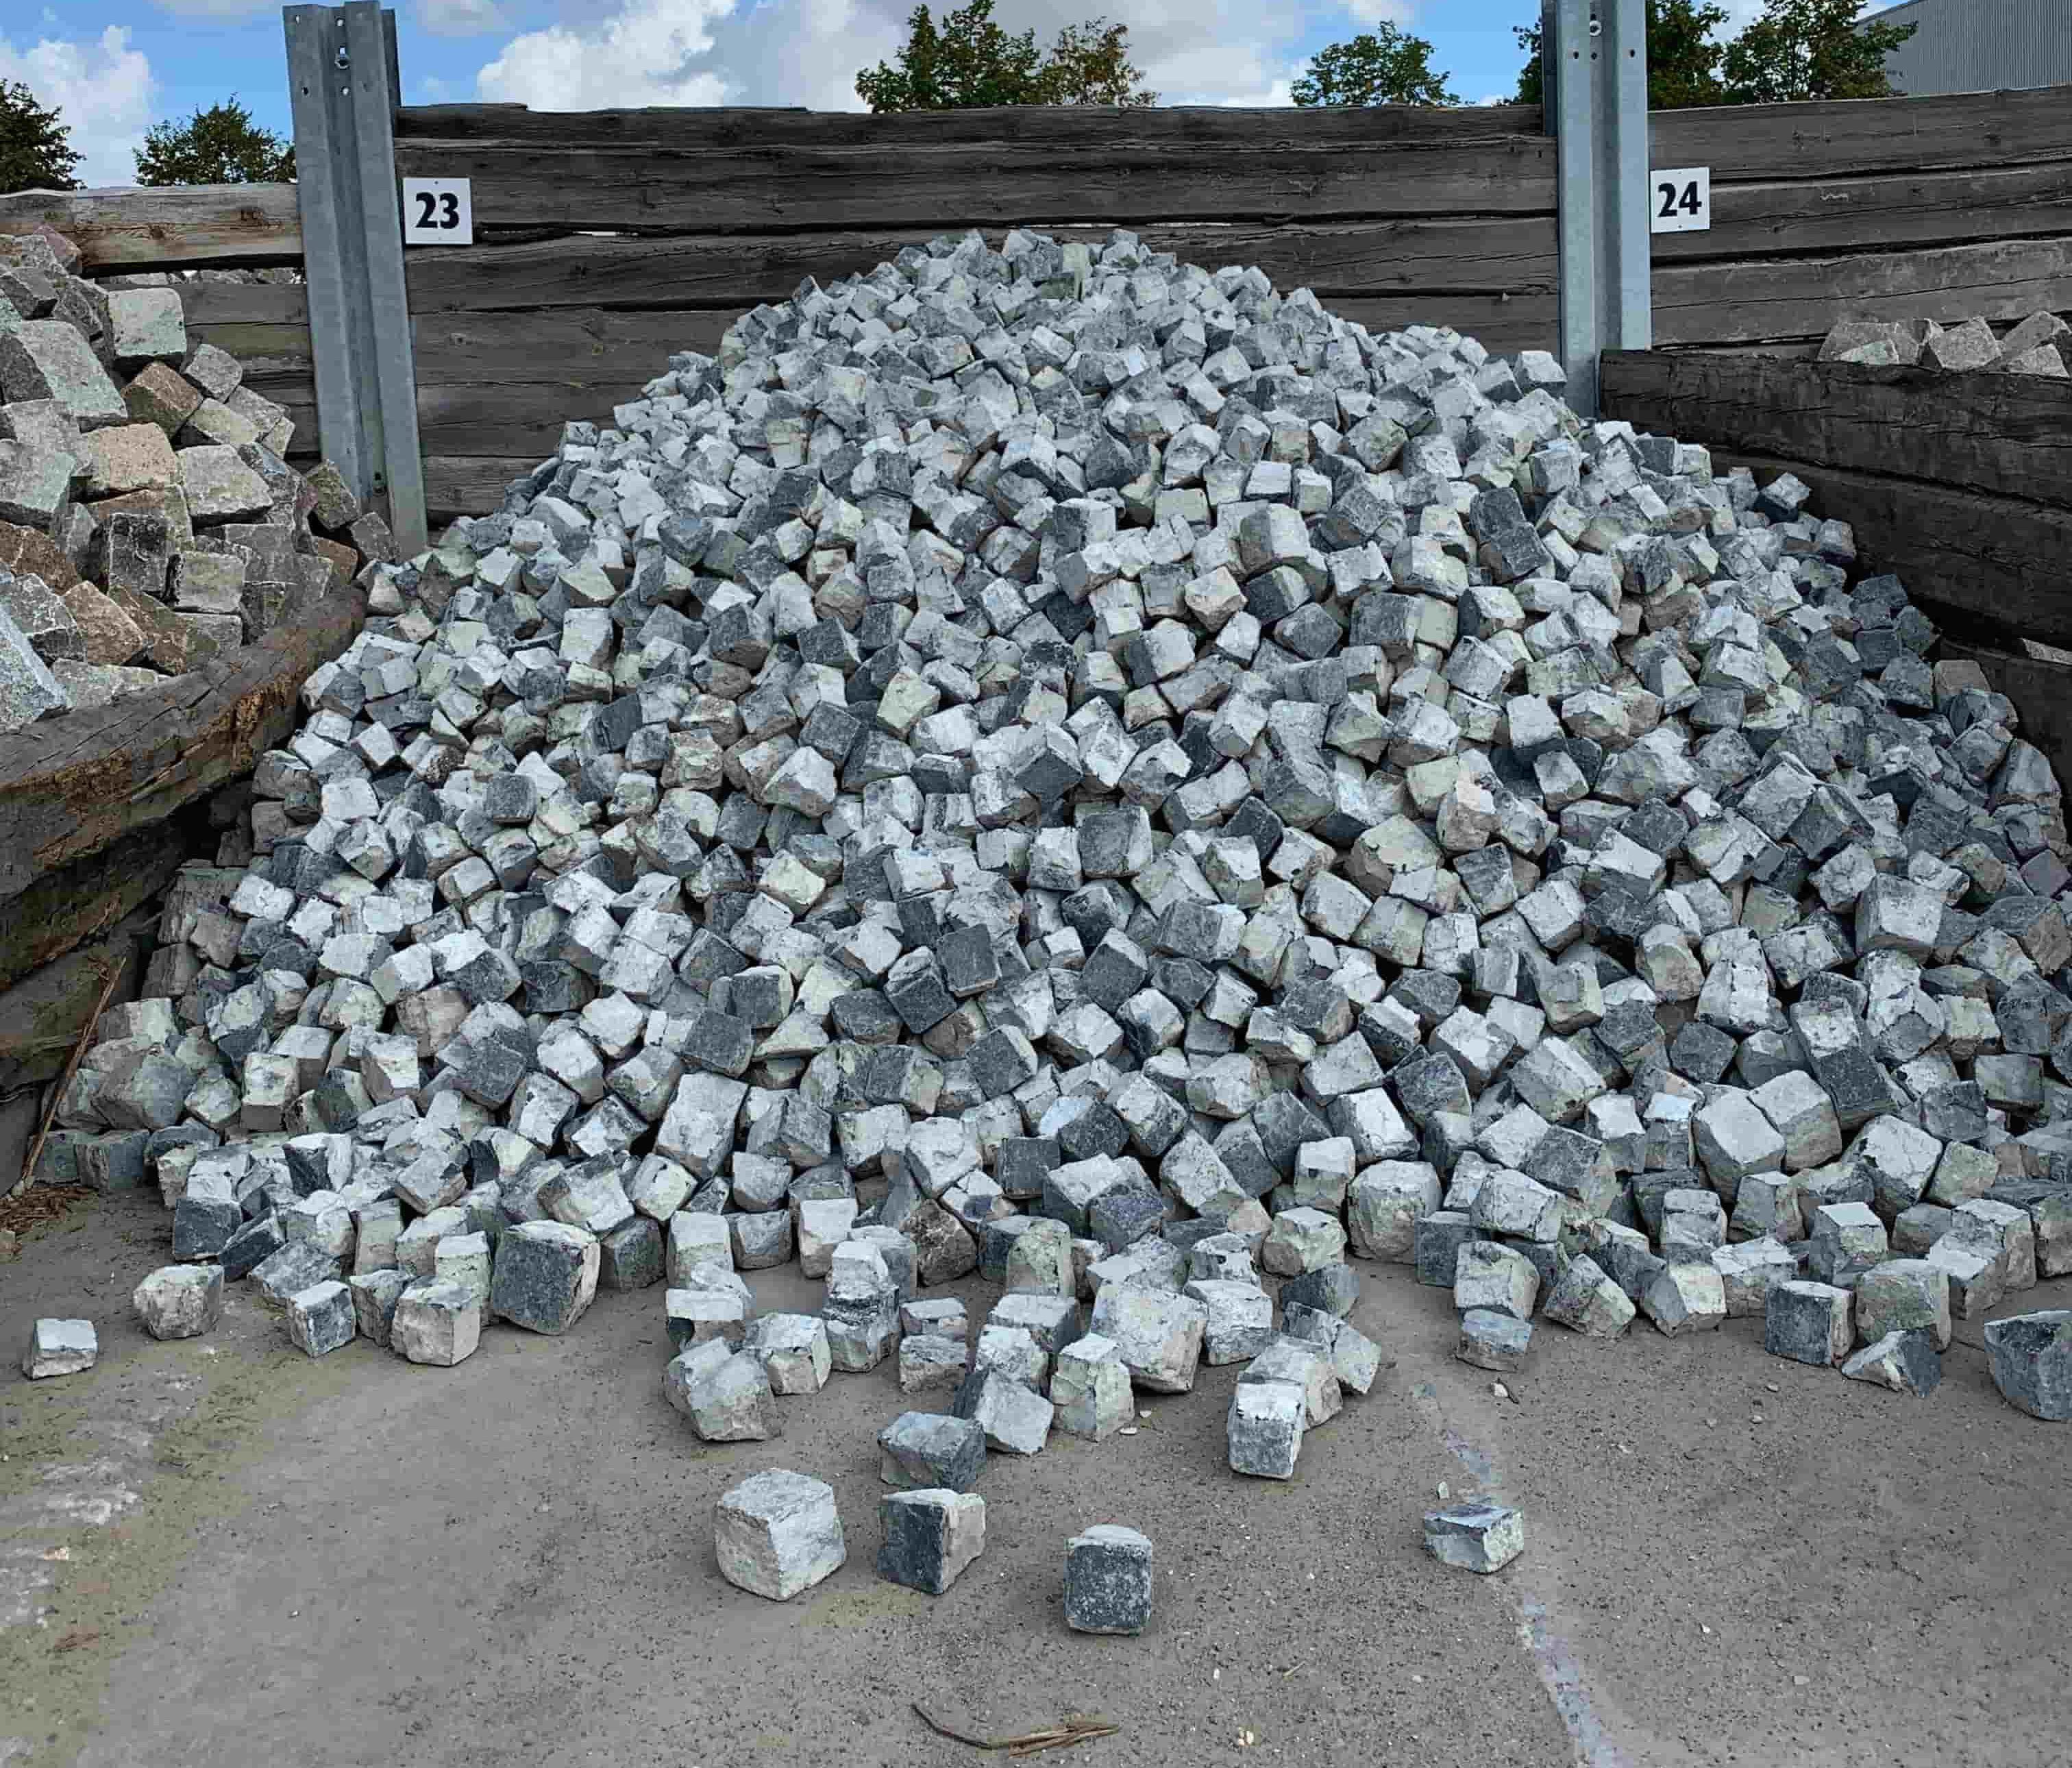 gebrauchtes-basalt-kleinpflaster-8-11-cm